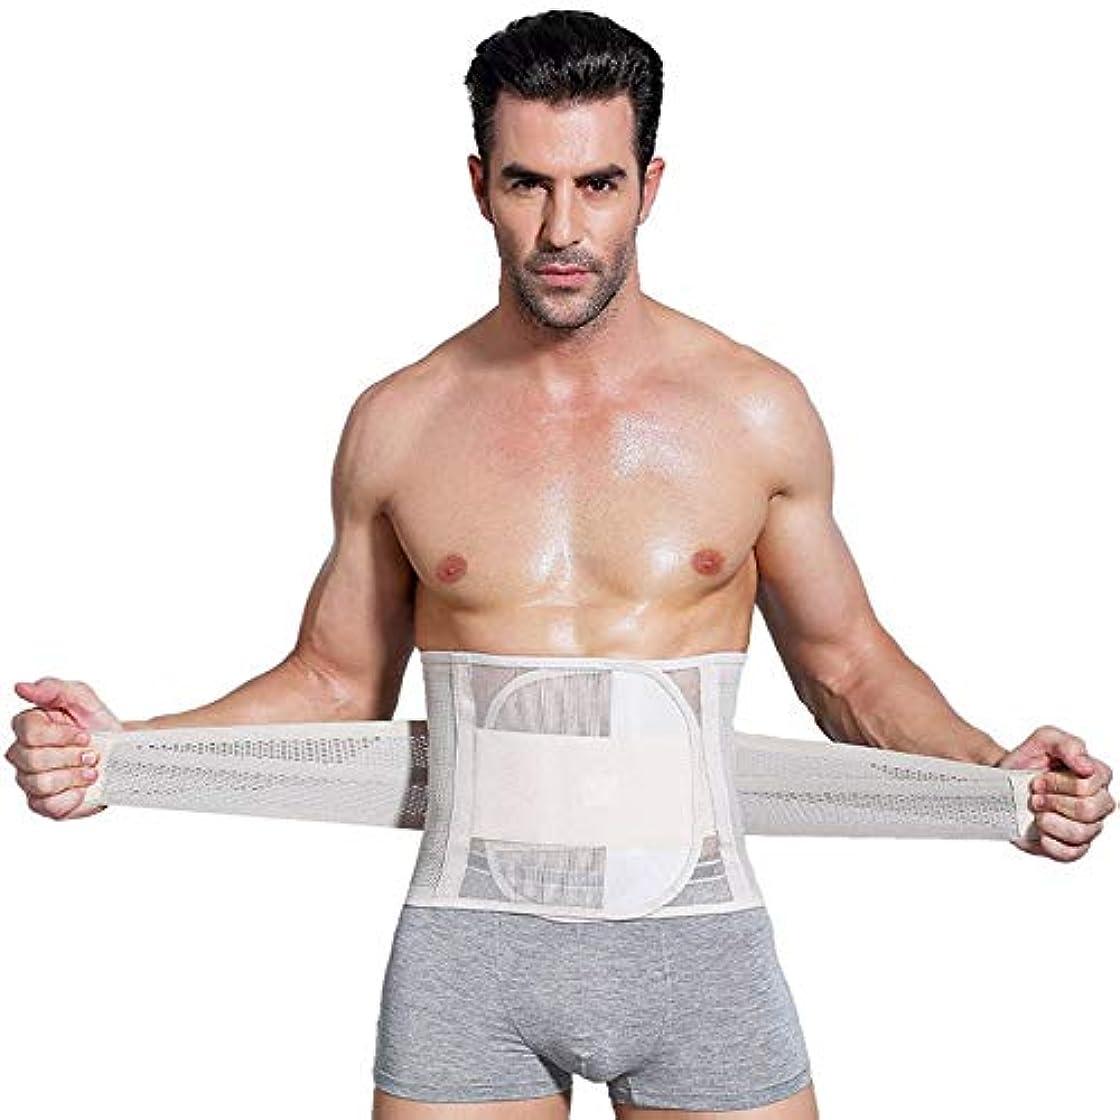 アプローチ意図シティ男性ボディシェイパーコルセット腹部おなかコントロールウエストトレーナーニッパー脂肪燃焼ガードル痩身腹ベルト用男性 - 肌色M